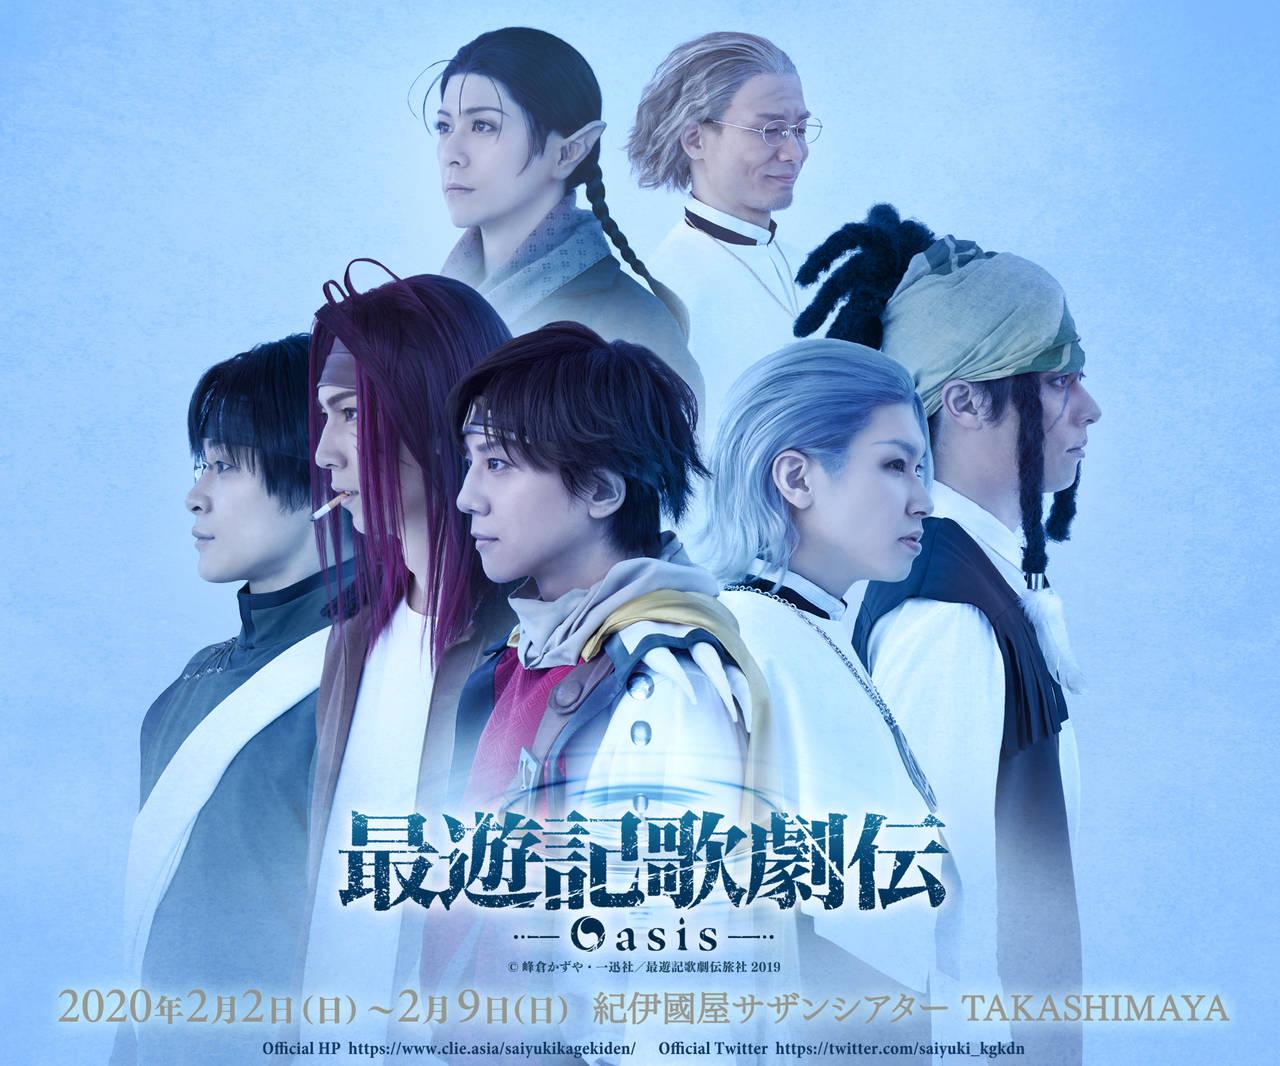 『最遊記歌劇伝-Oasis-』キービジュアル&キャラクタービジュアル解禁